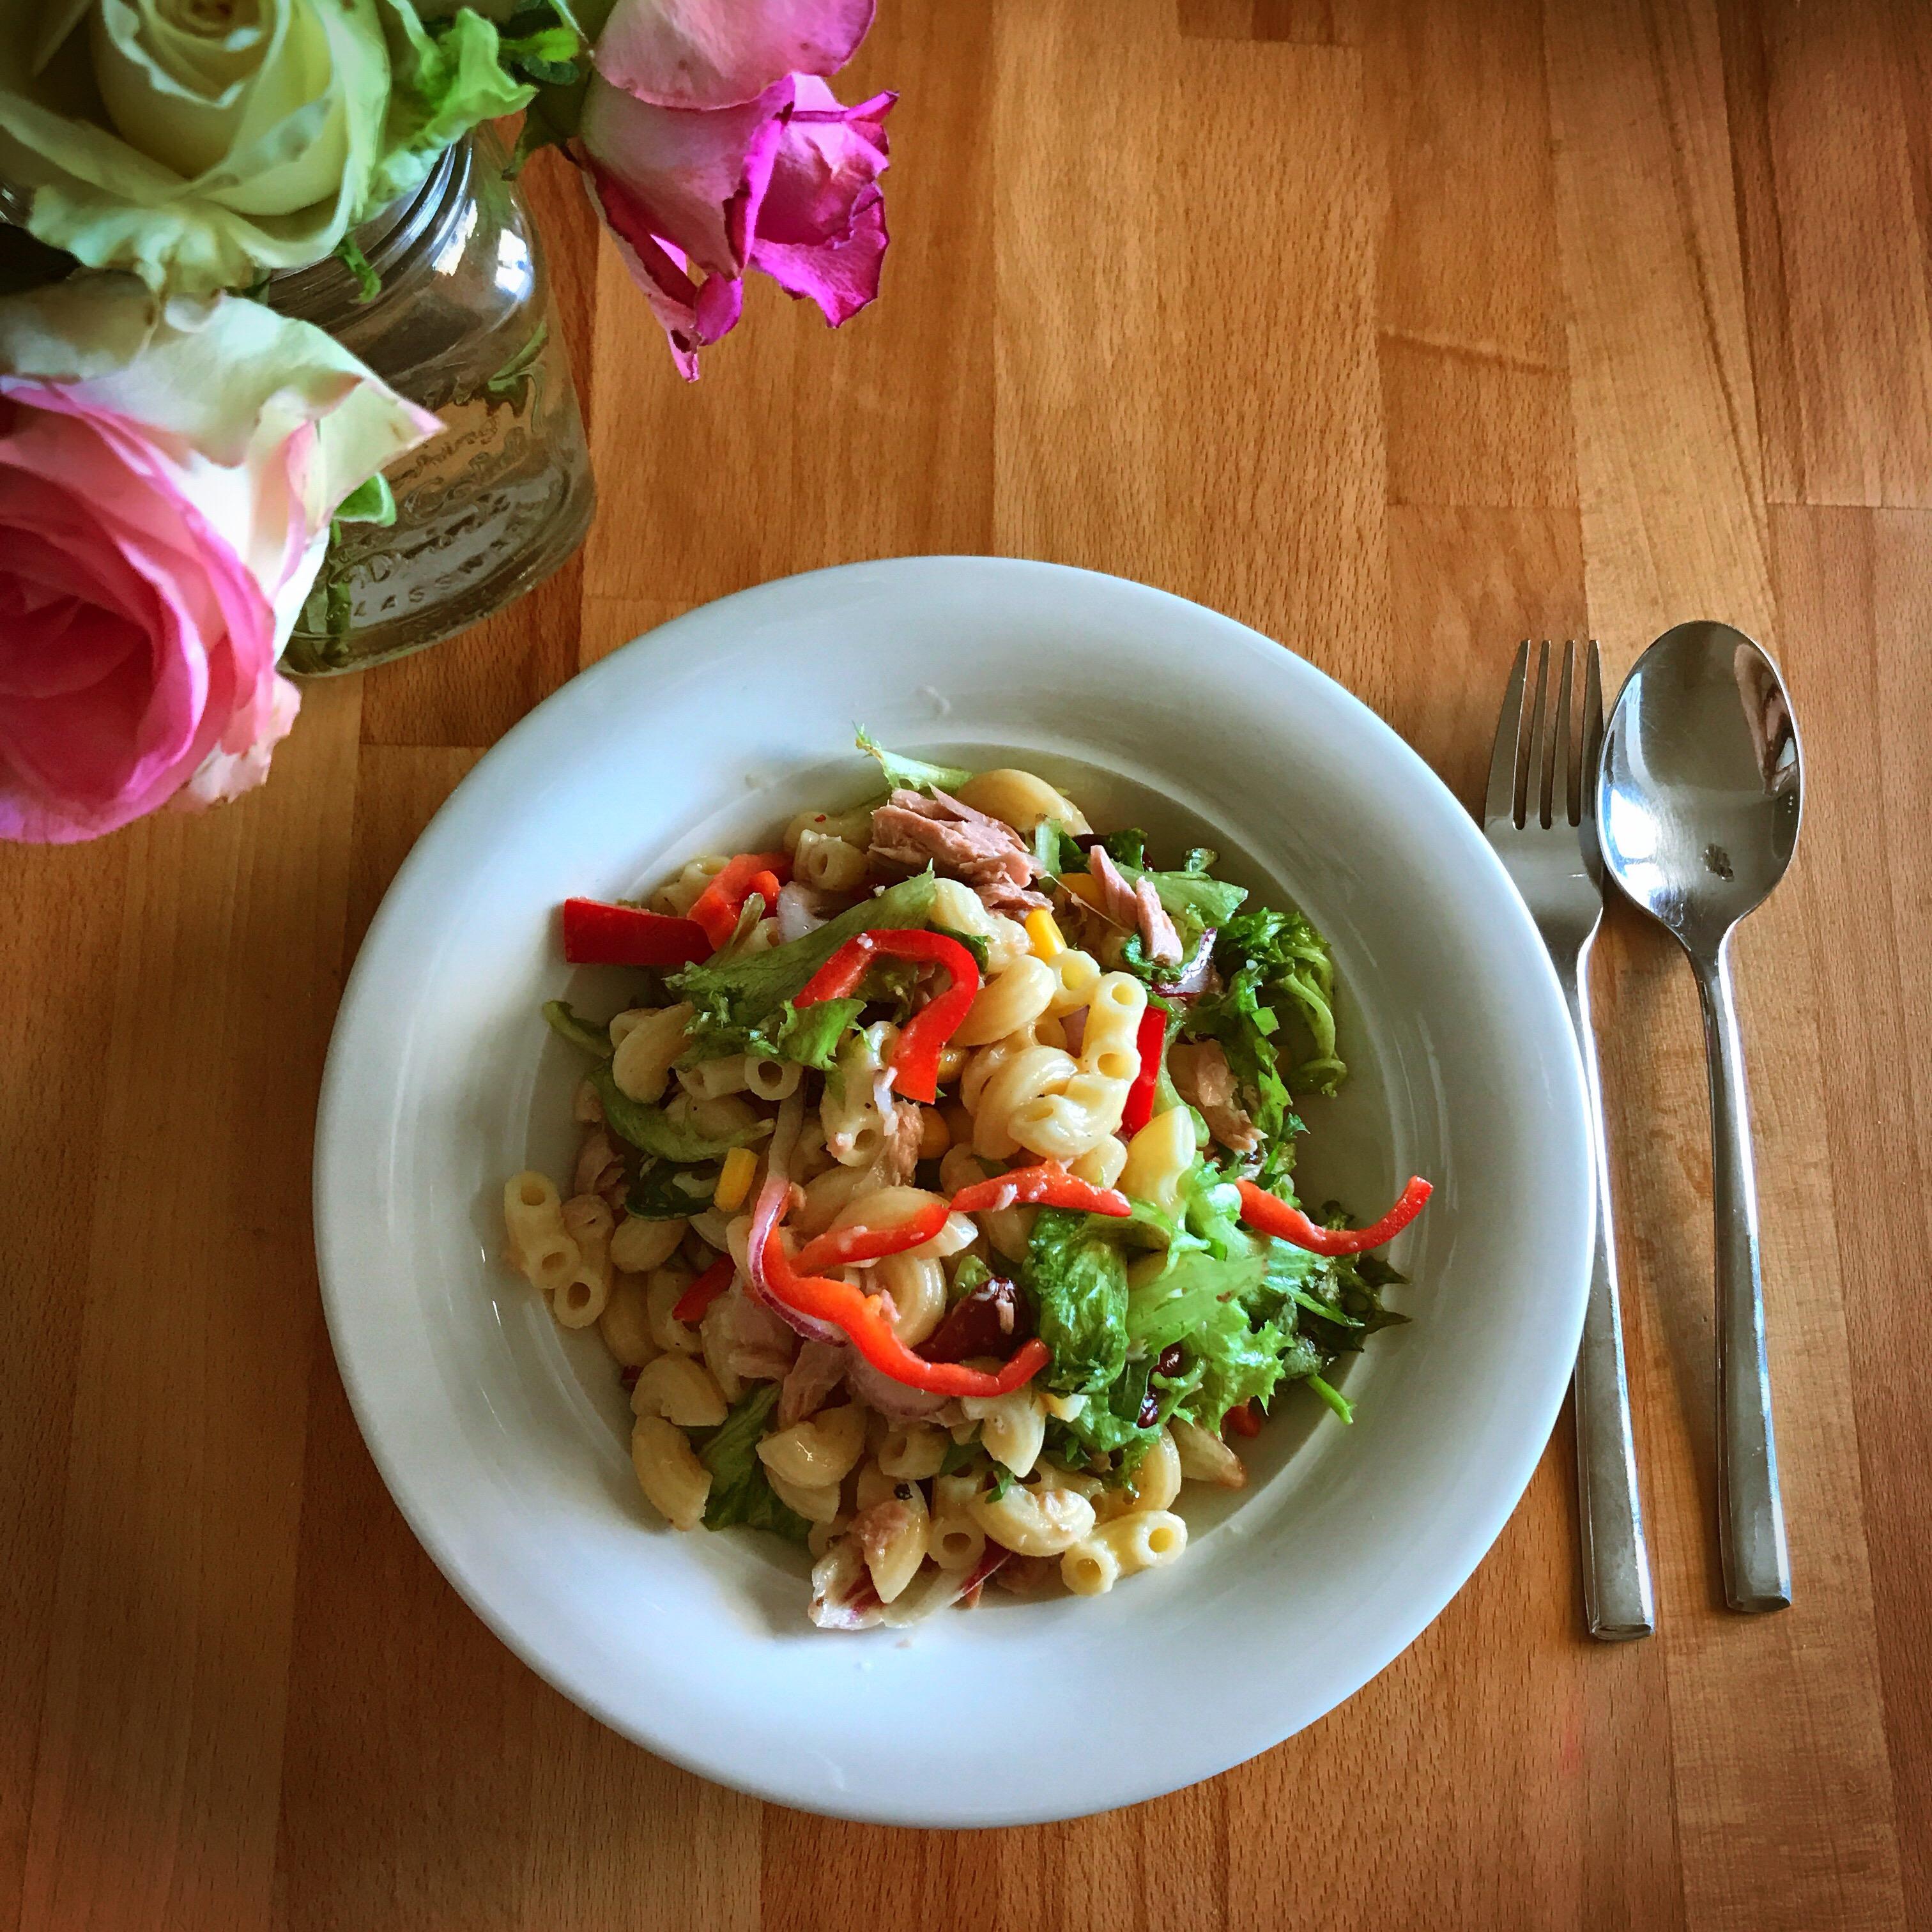 Leichte küche einfache rezepte  Beautiful Leichte Küche Einfache Rezepte Ideas - Einrichtungs ...